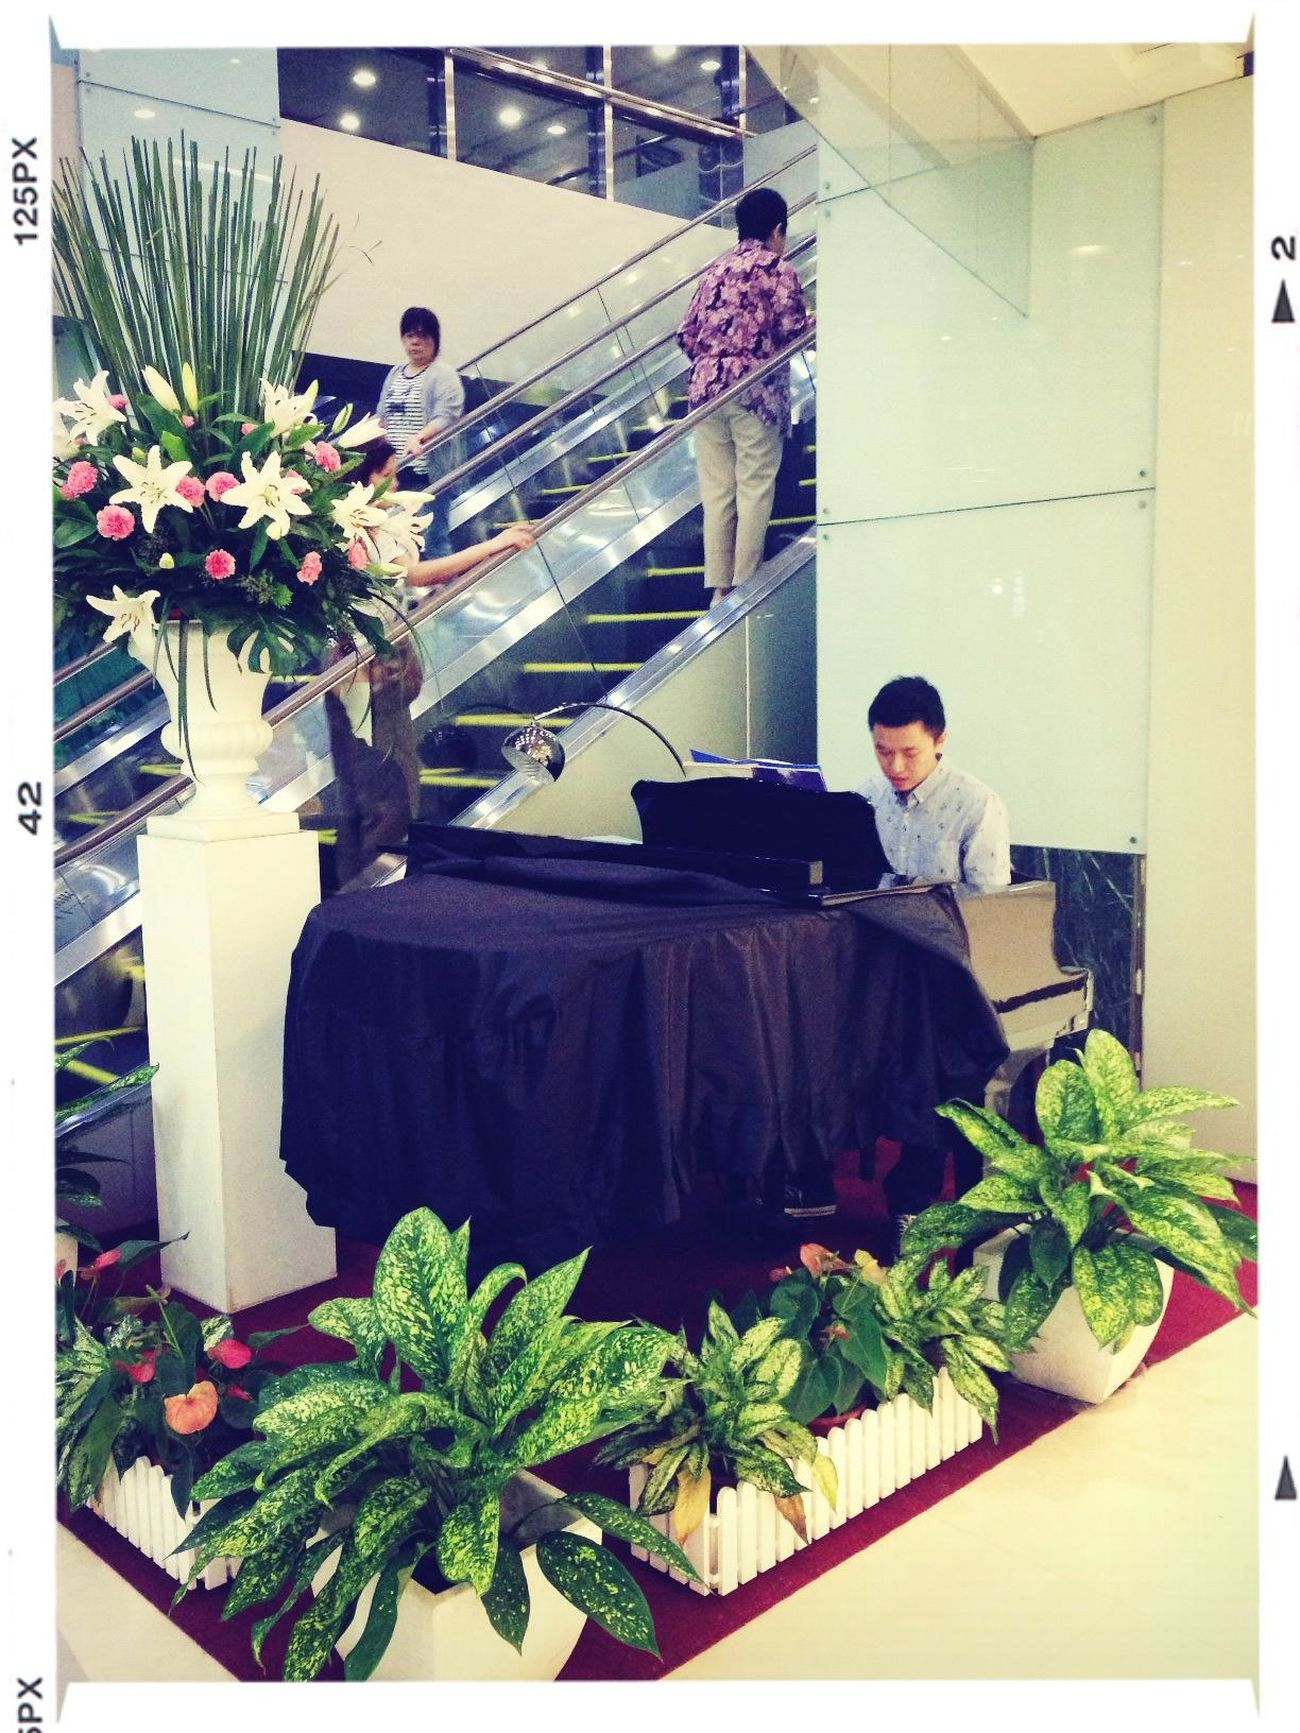 今天的小小志工:) Volunteer Playing Piano Enjoying Life